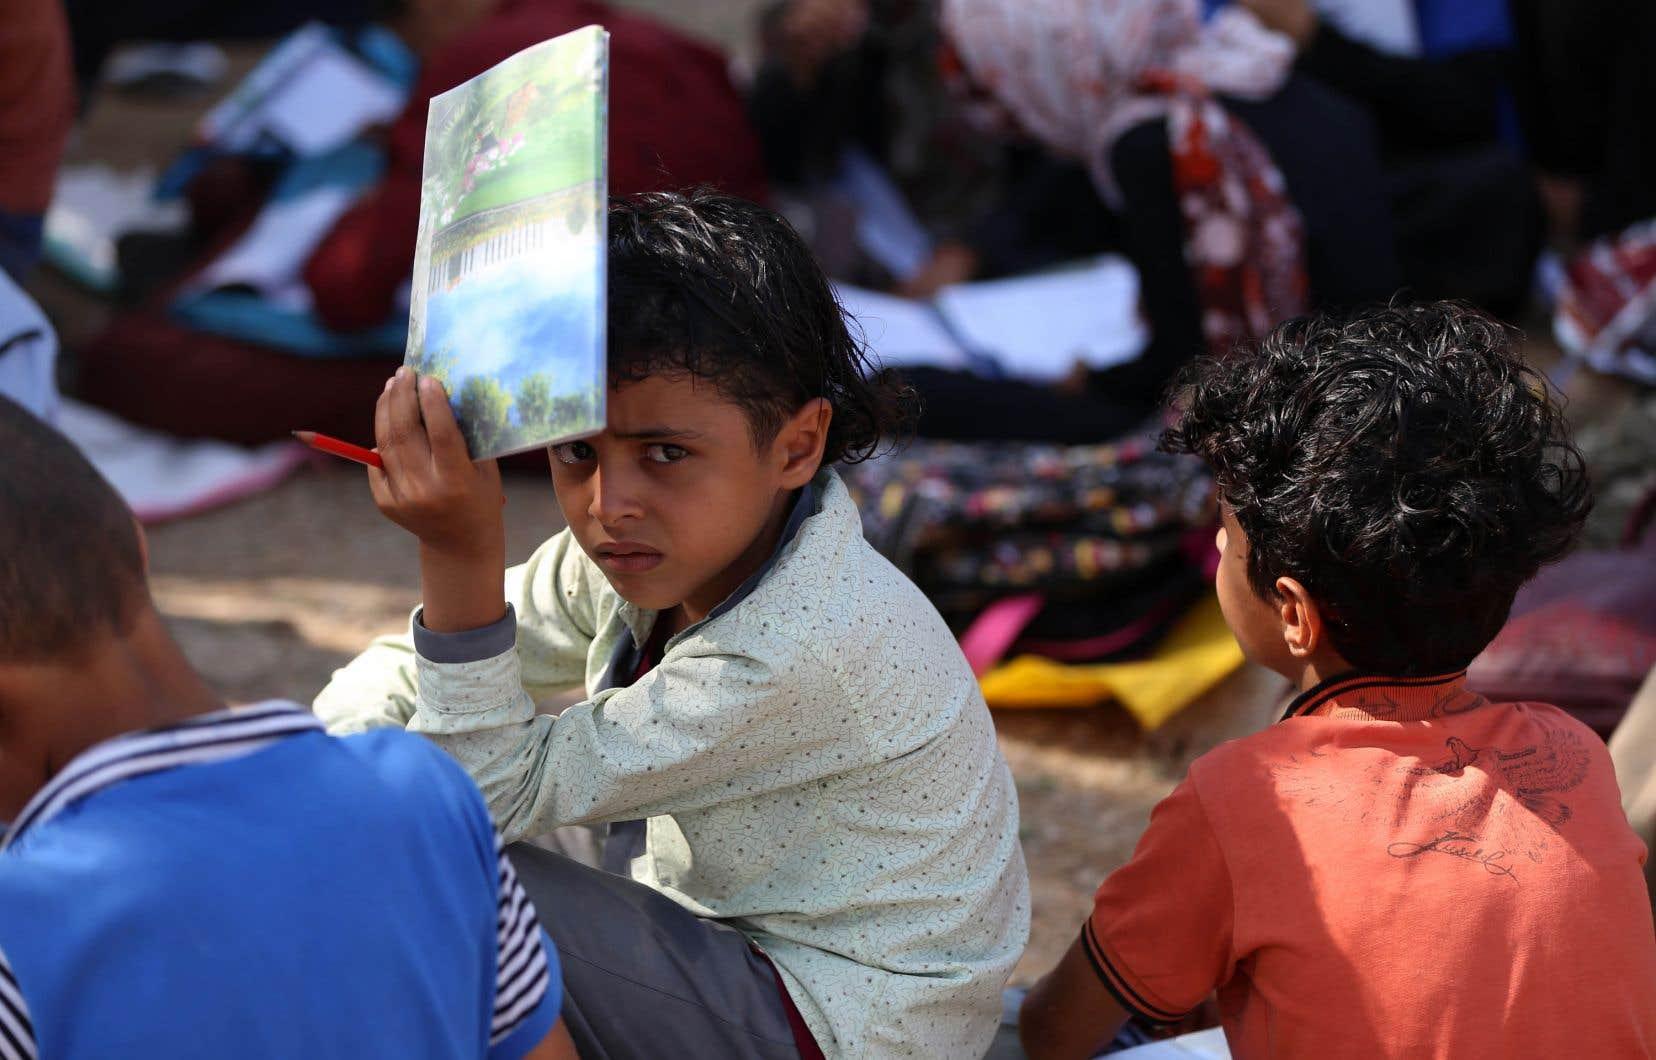 De jeunes enfants participent à une classe en plein air dans le village d'al-Kashar, au Yémen. La construction d'une école pour le village a été interrompue par le début du conflit au pays en 2015.